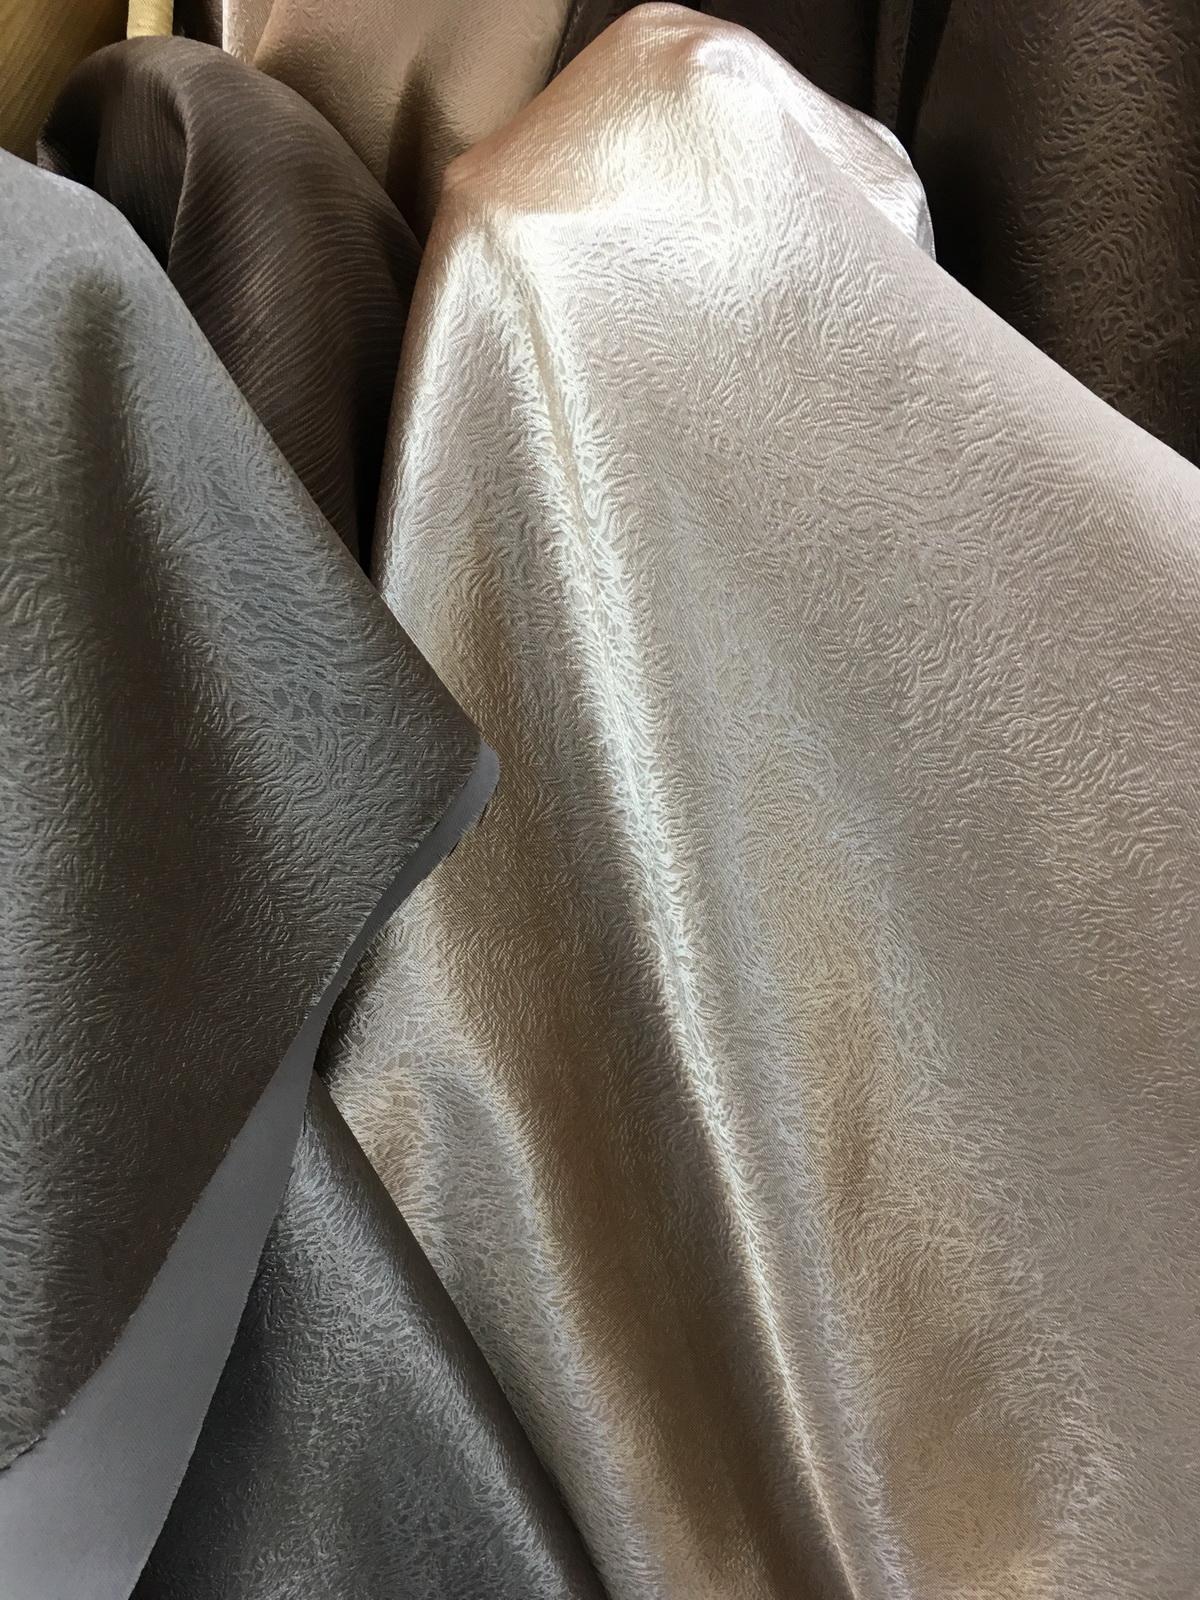 ผ้าม่านกันยูวี ราคาถูก หาซื้อที่ไหน?